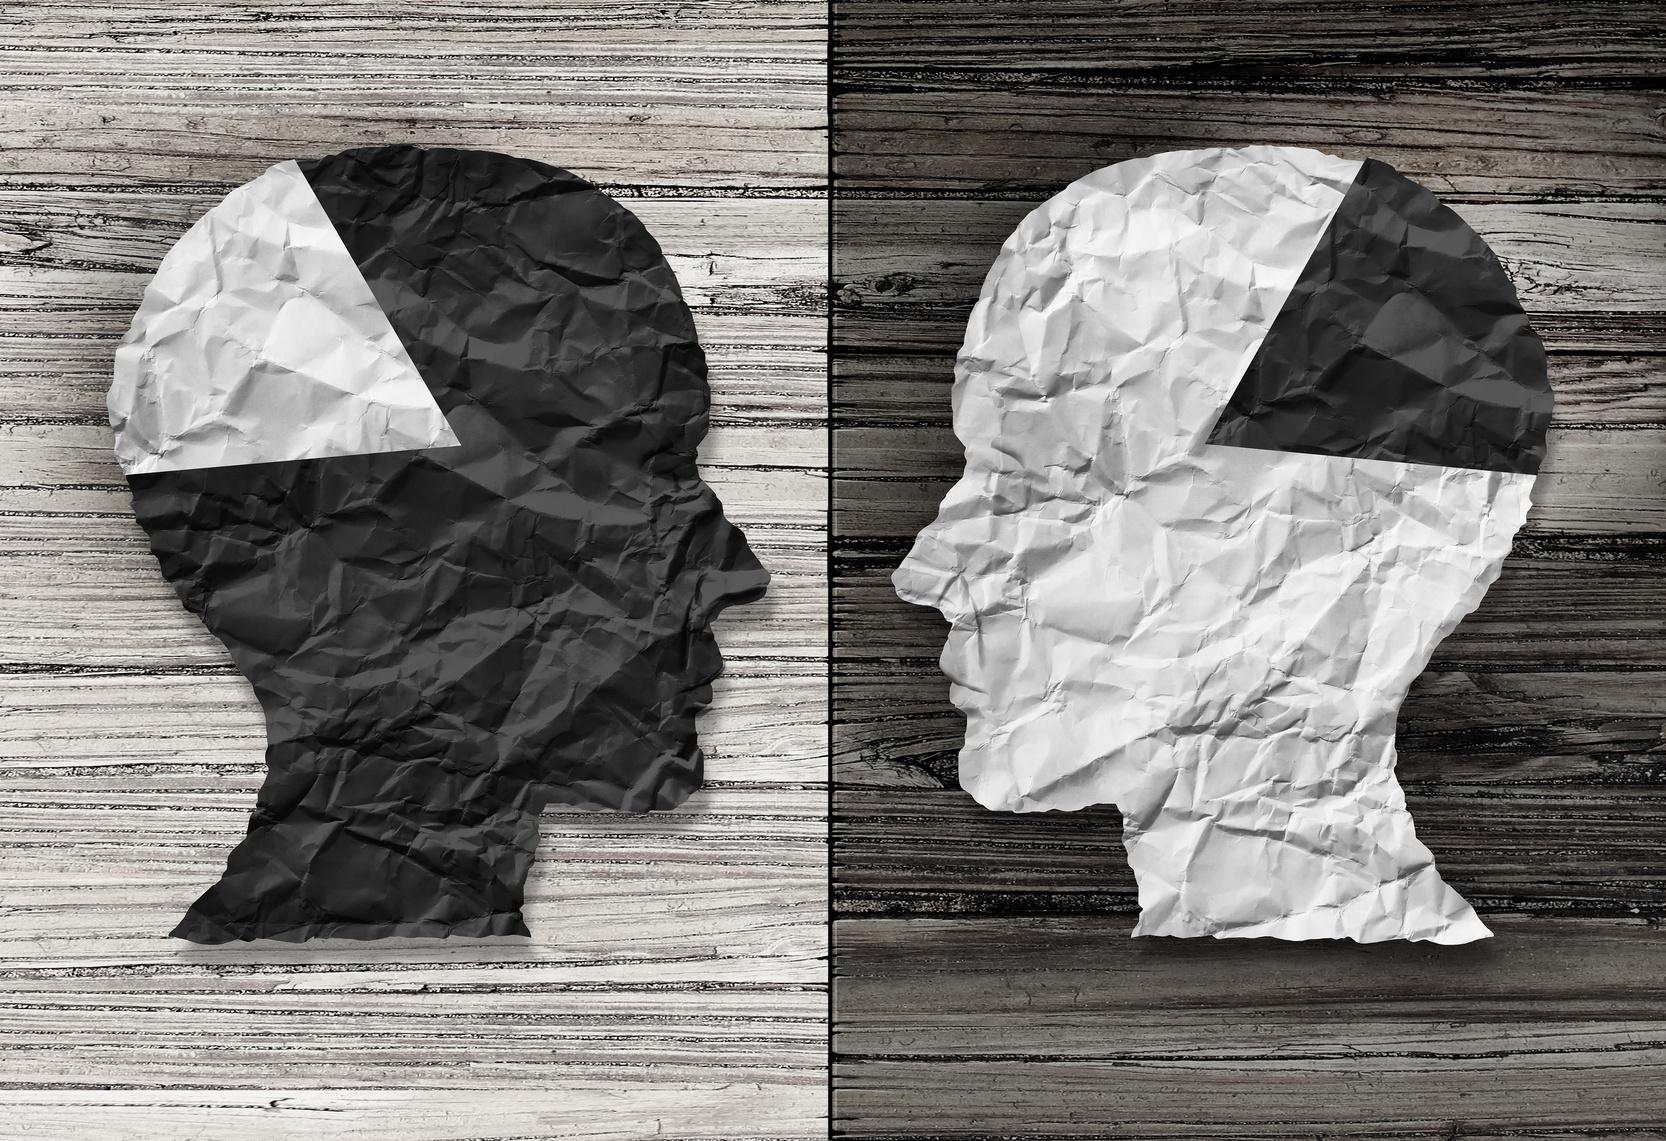 חובה להשתמש גם בחלק הרגשי שבמוח שלנו..